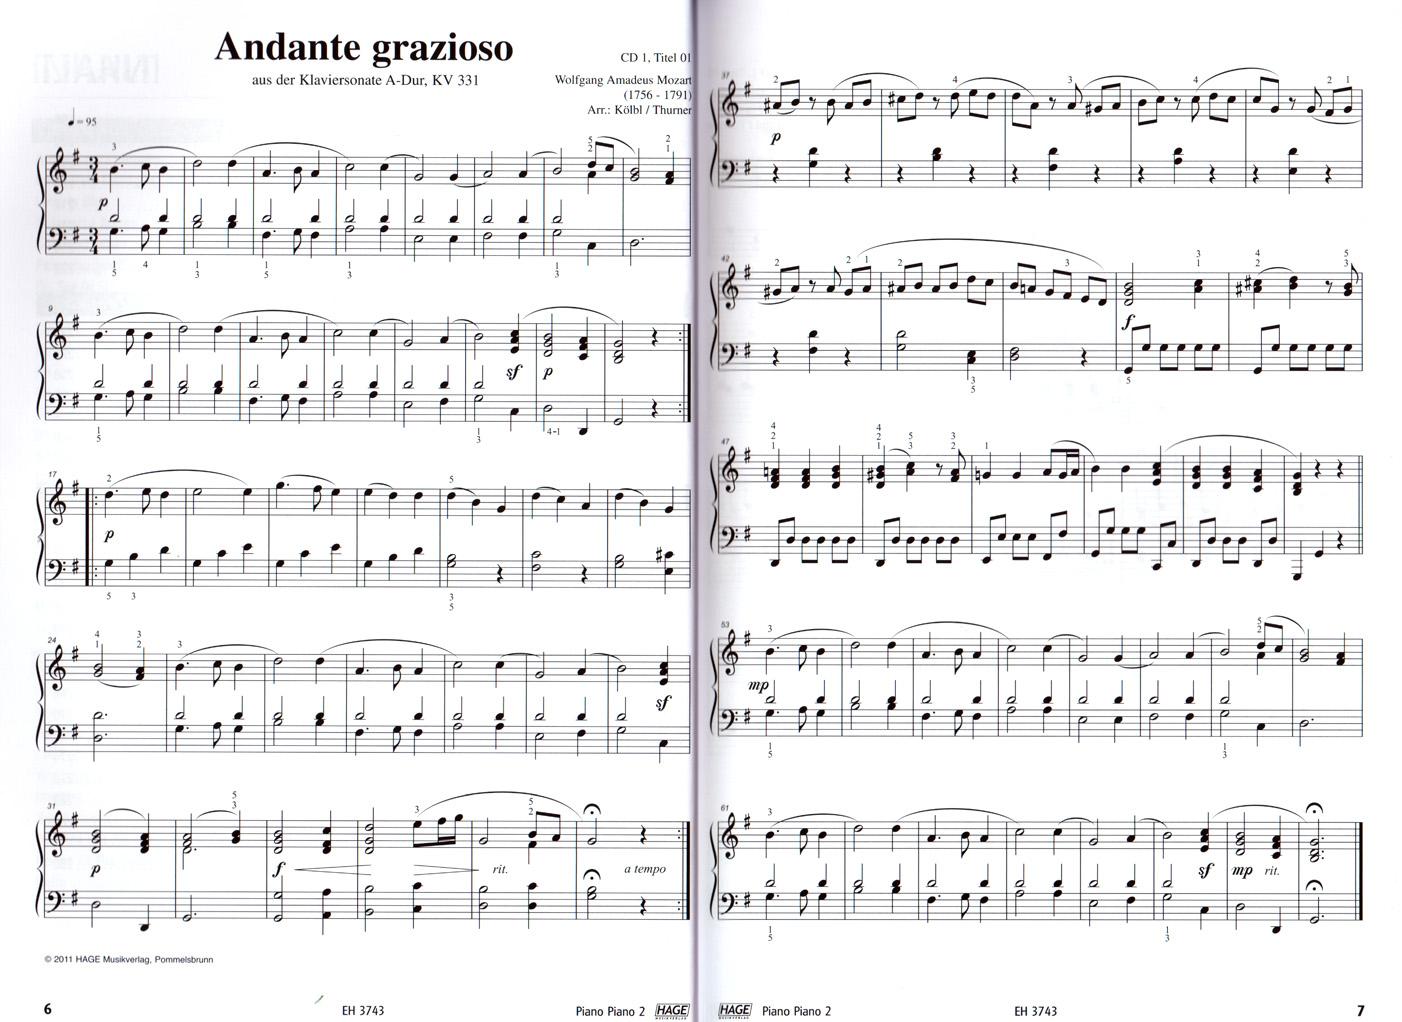 MITTELSCHWER Ausgabe PIANO PIANO 2 Klavier Noten Hage 3743